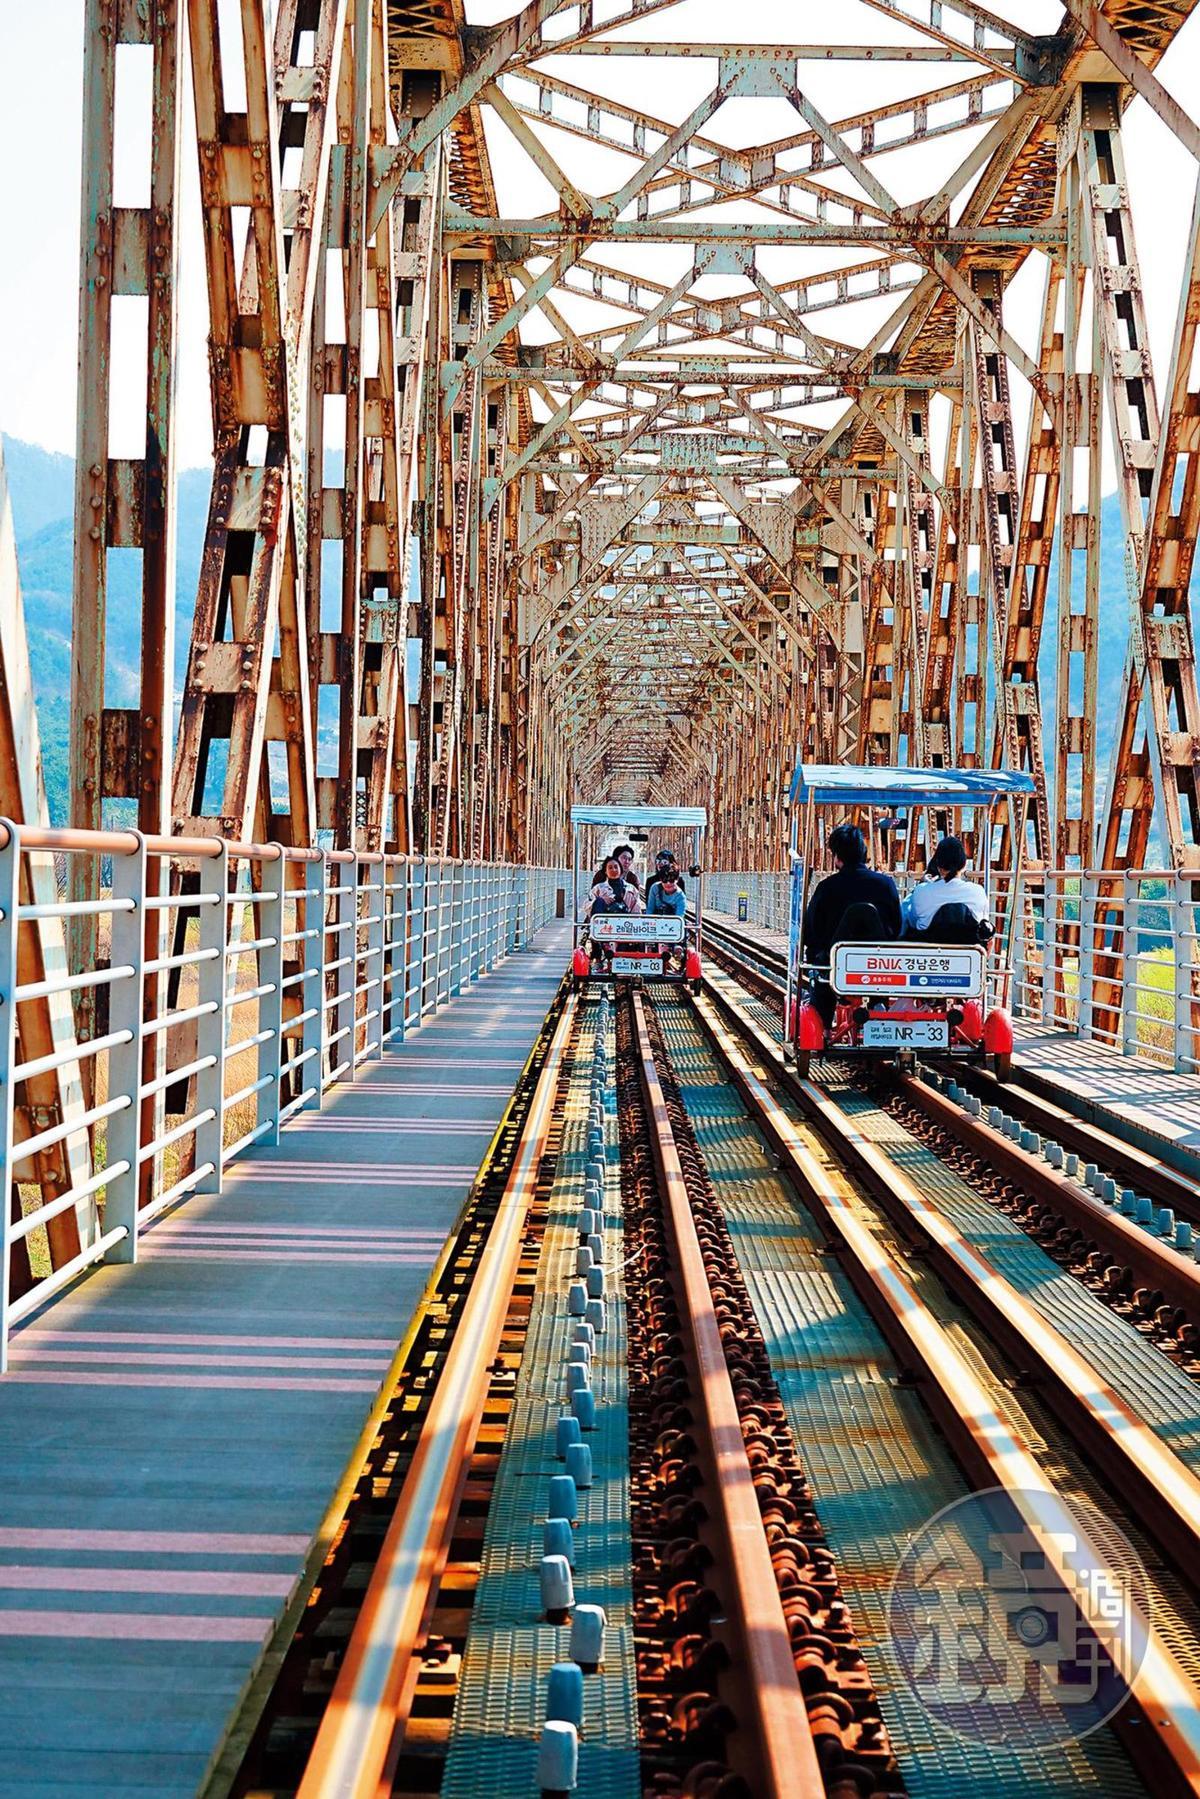 金海洛東江的鐵道自行車是台灣旅客相當喜愛的戶外體驗之一。